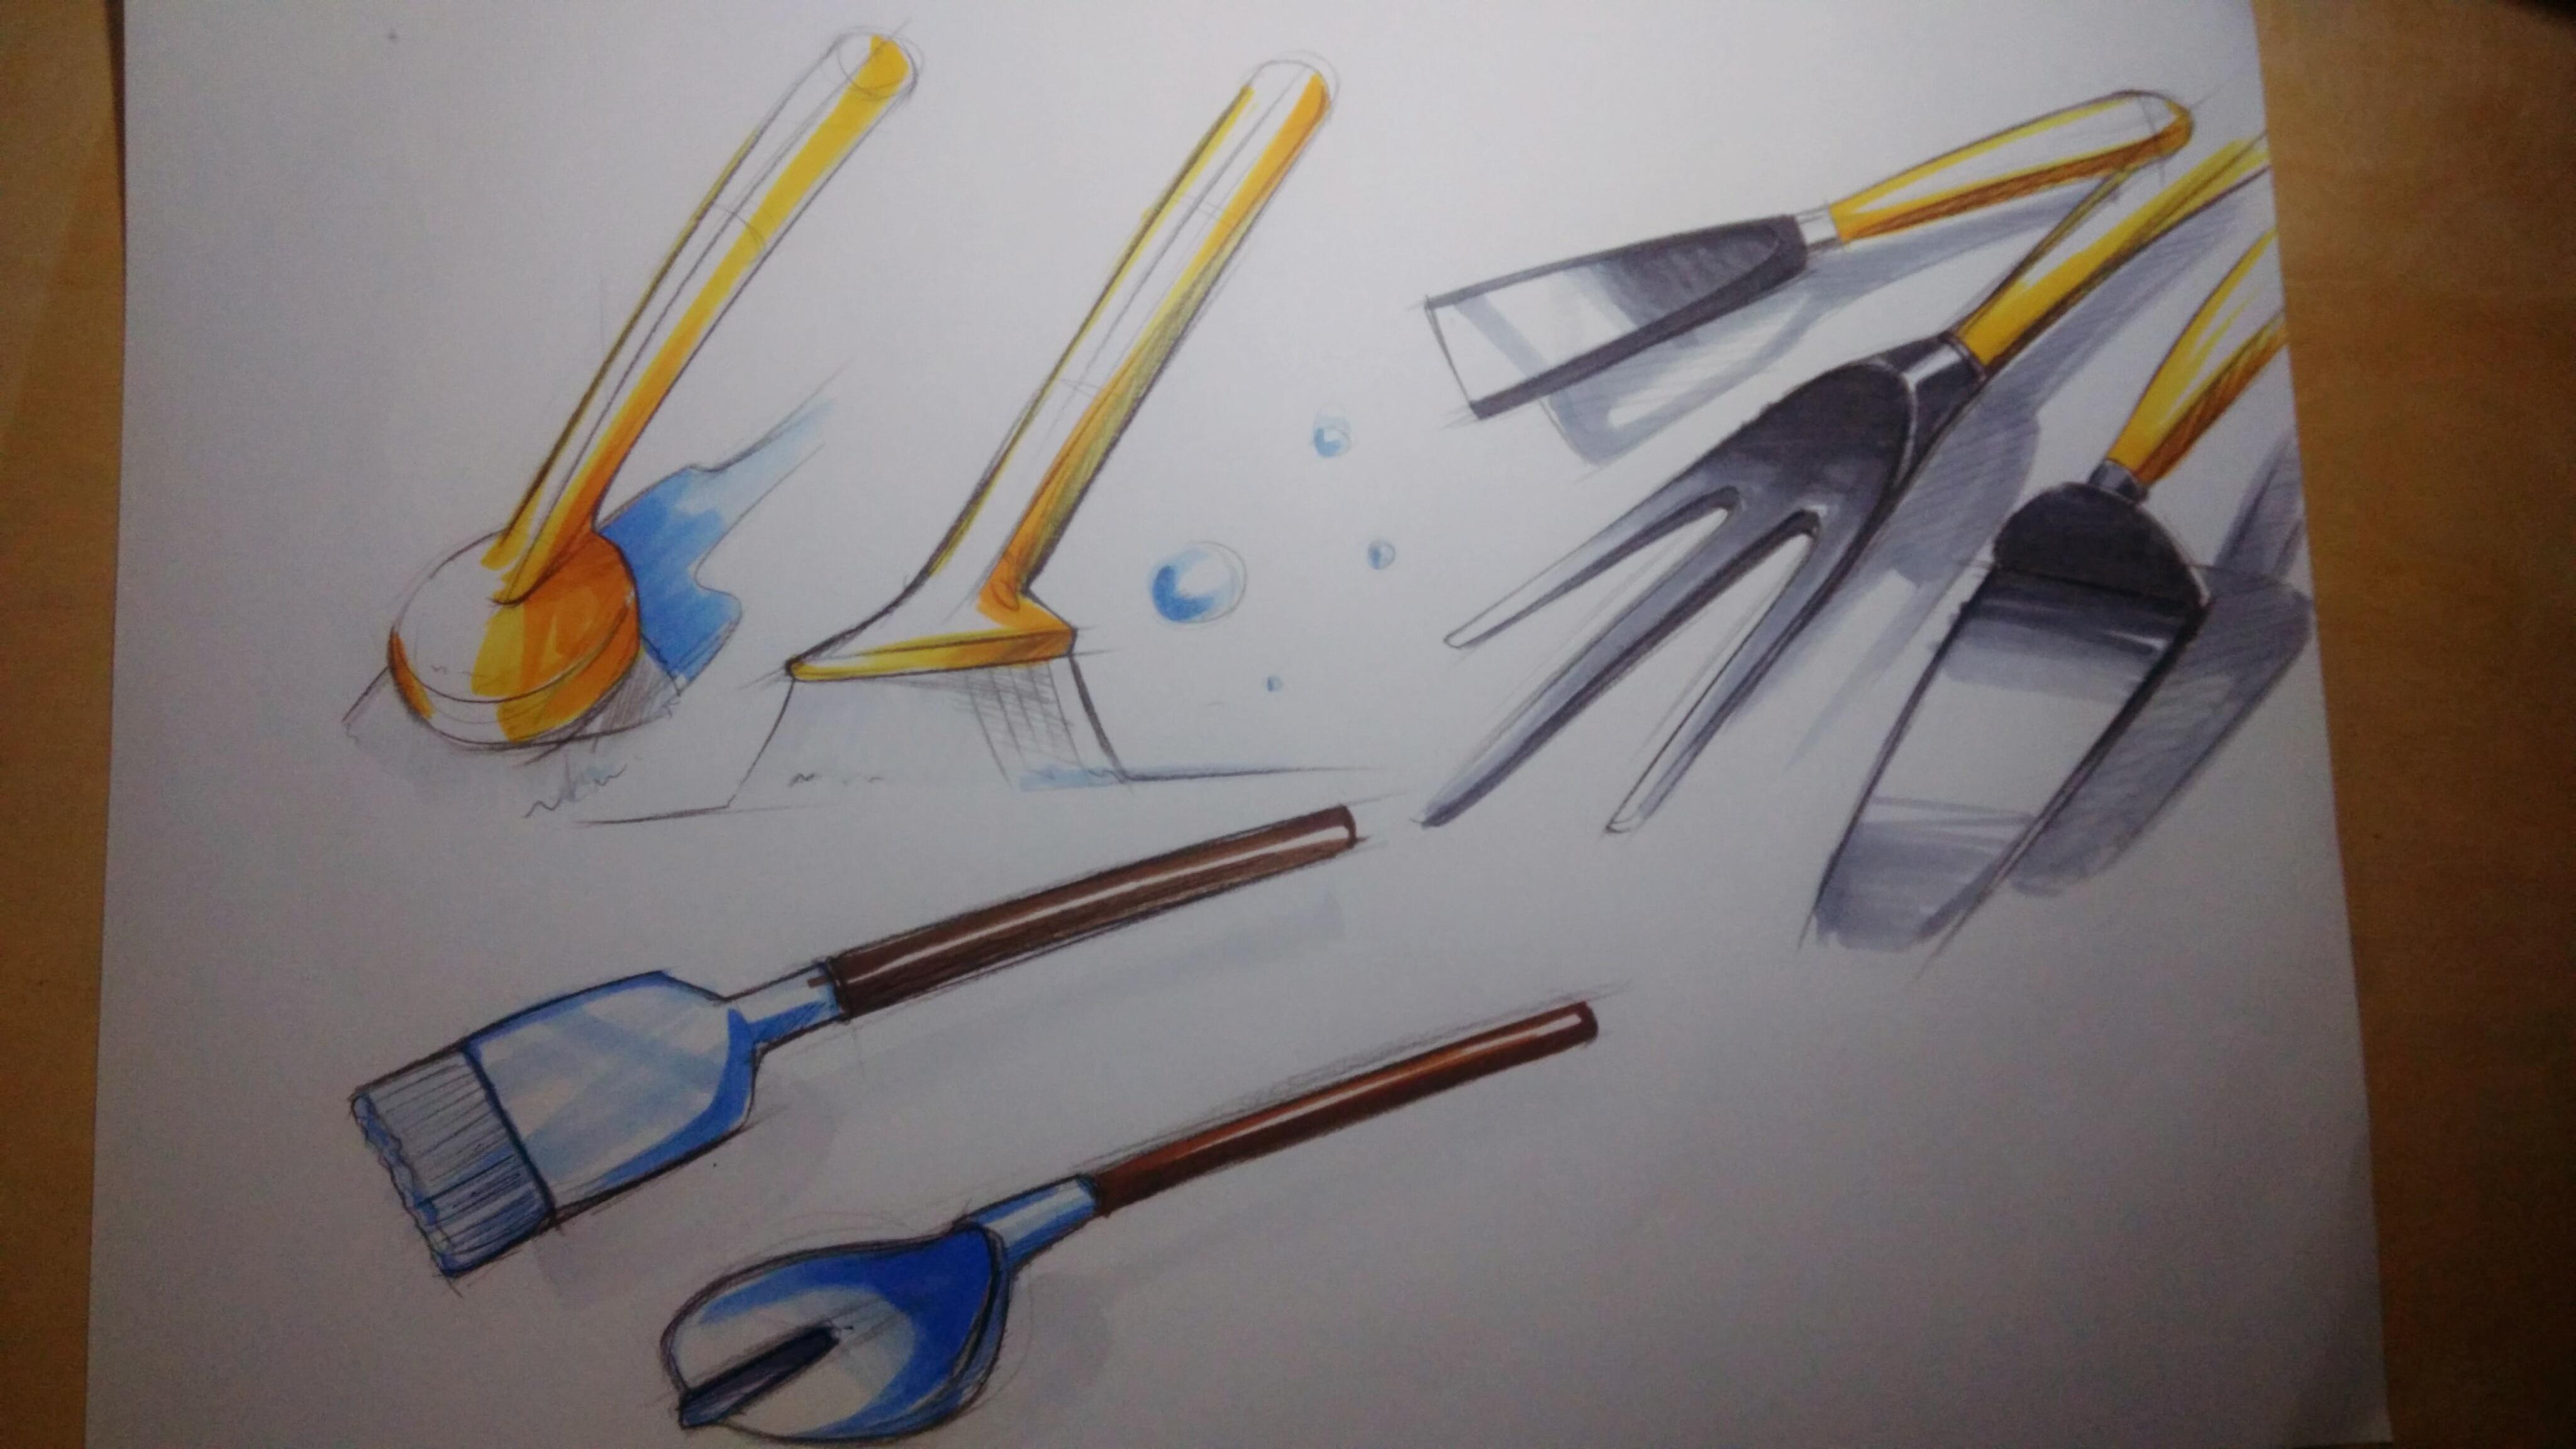 马克笔手绘|工业/产品|其他工业/产品|cheal丶z